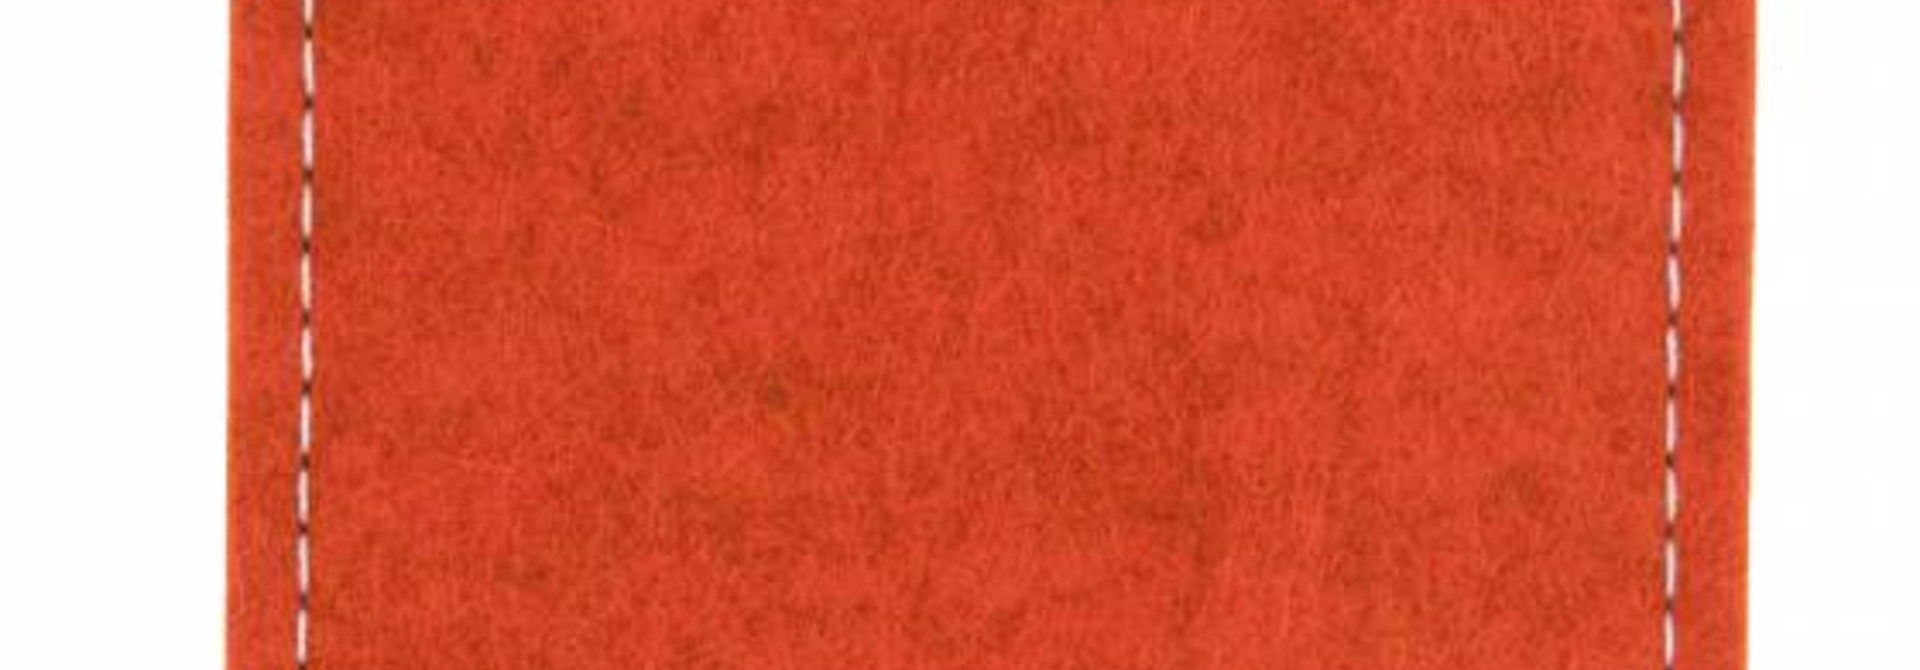 Sleeve Rust